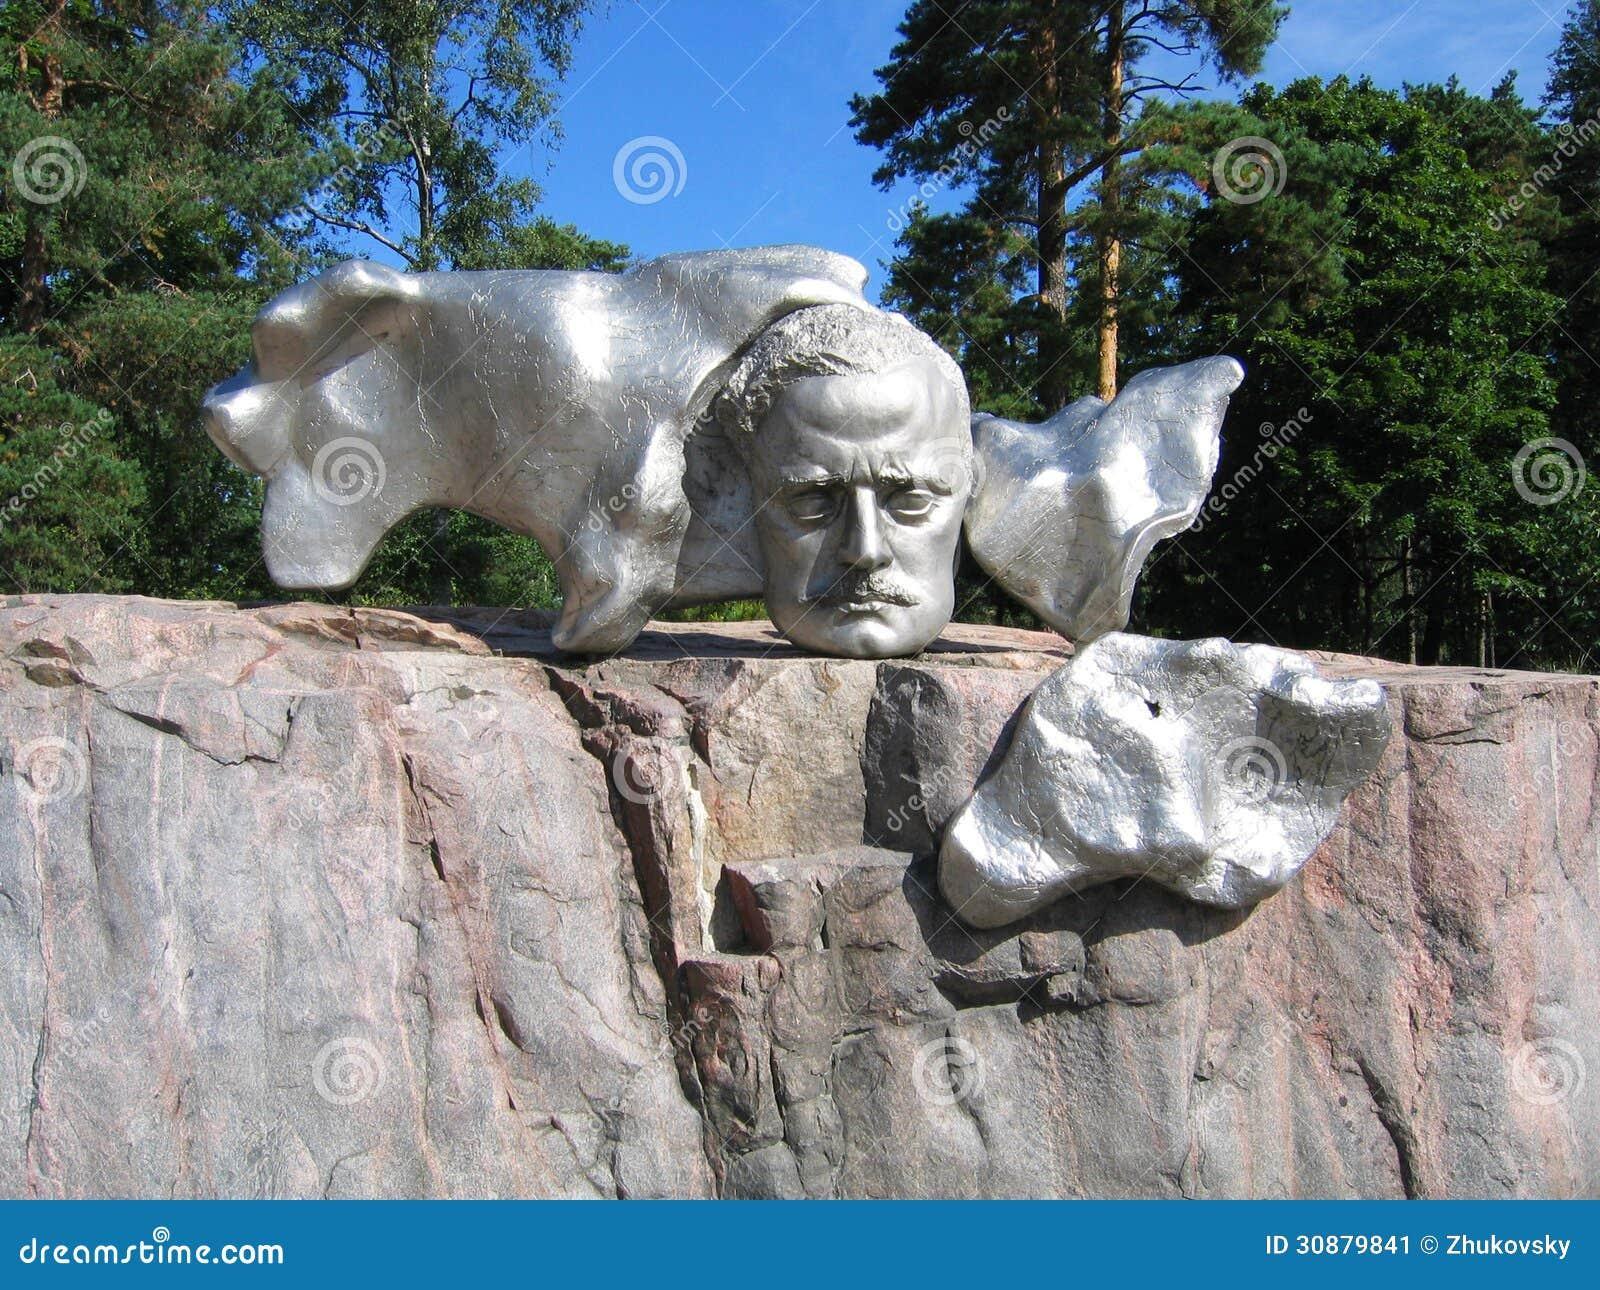 Jean Sibelius - The Boston Pops Orchestra Orquesta Sinfónica De Boston Sinfonía Nº 2 • Finlandia • Vals Triste • El Cisne De Tuonela